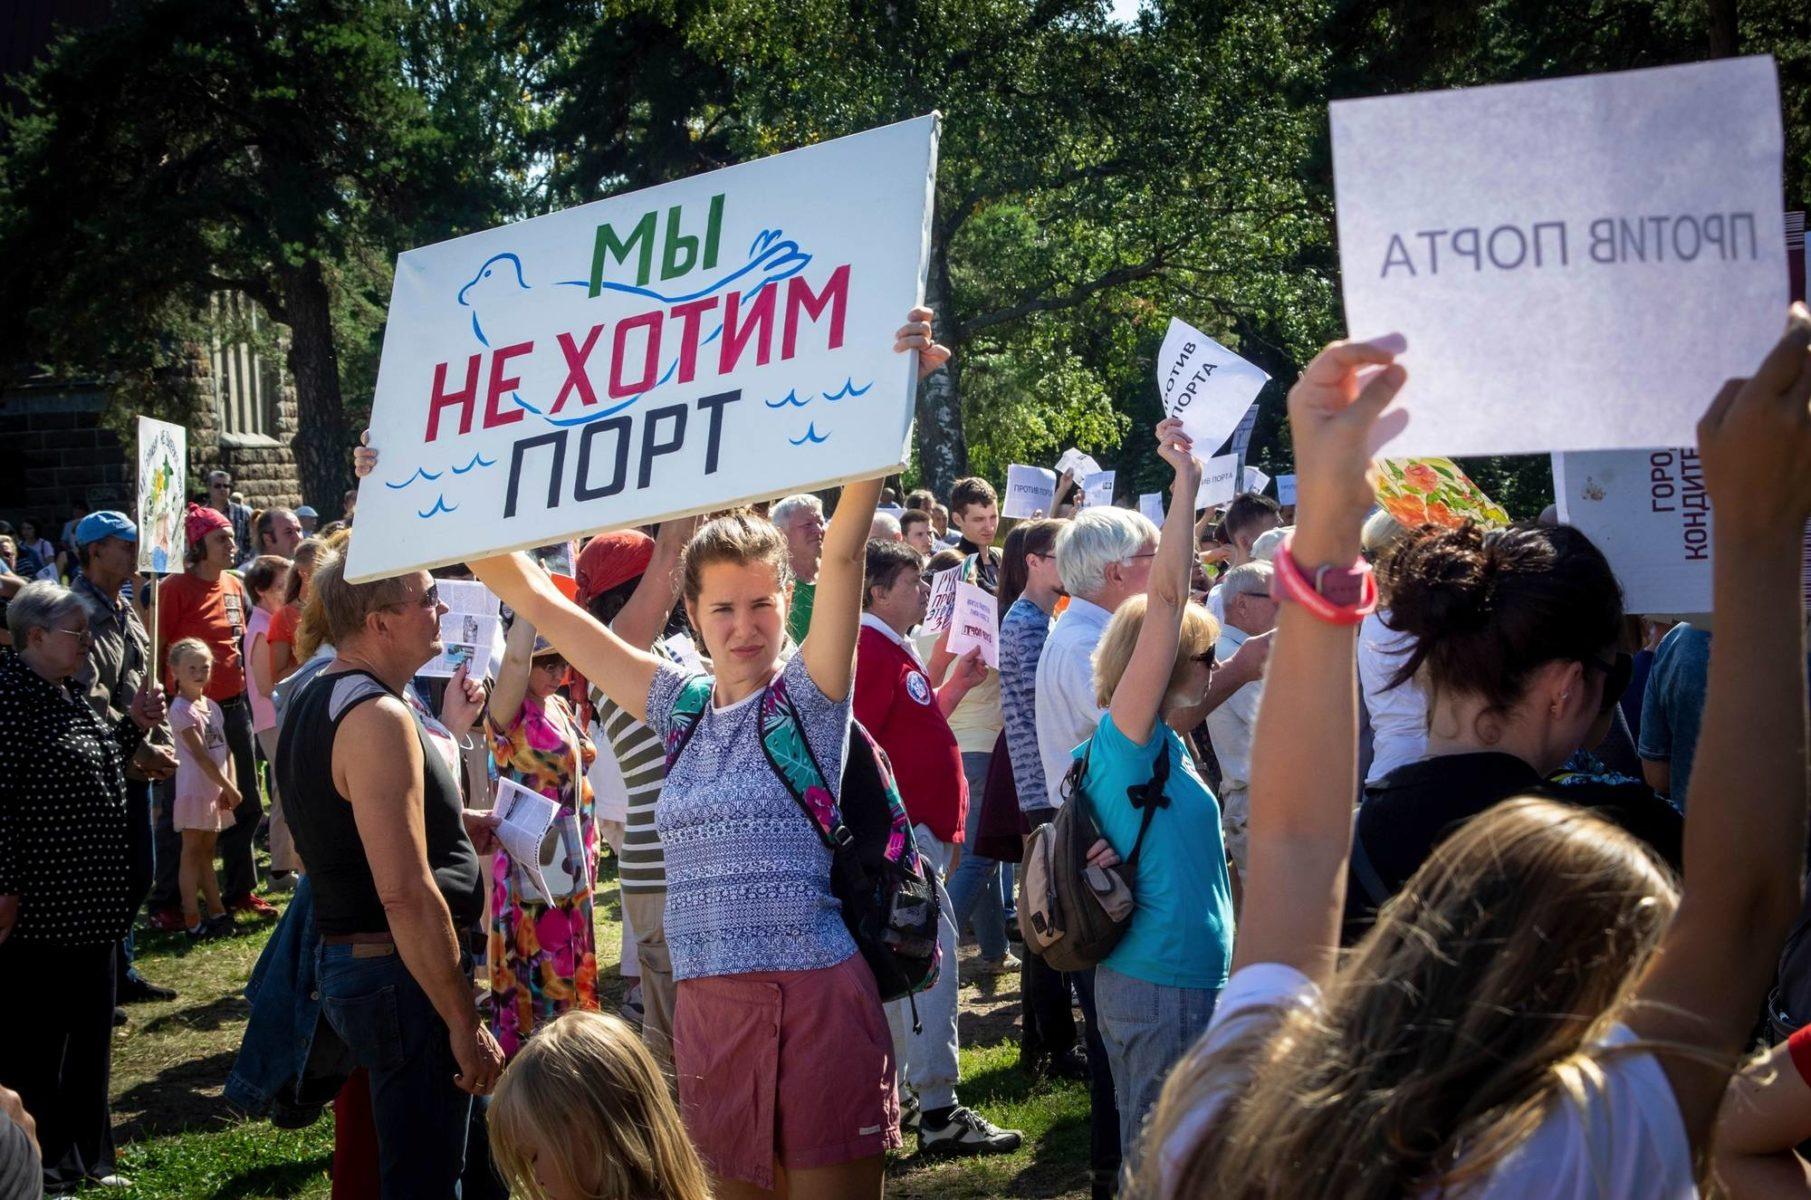 """""""Emme halua satamaa"""". Näin julisti kyltti, kun koivistolaiset ja muualta tulleet ympäristöaktivistit kerääntyivät mielenosoitukseen elokuussa 2019."""